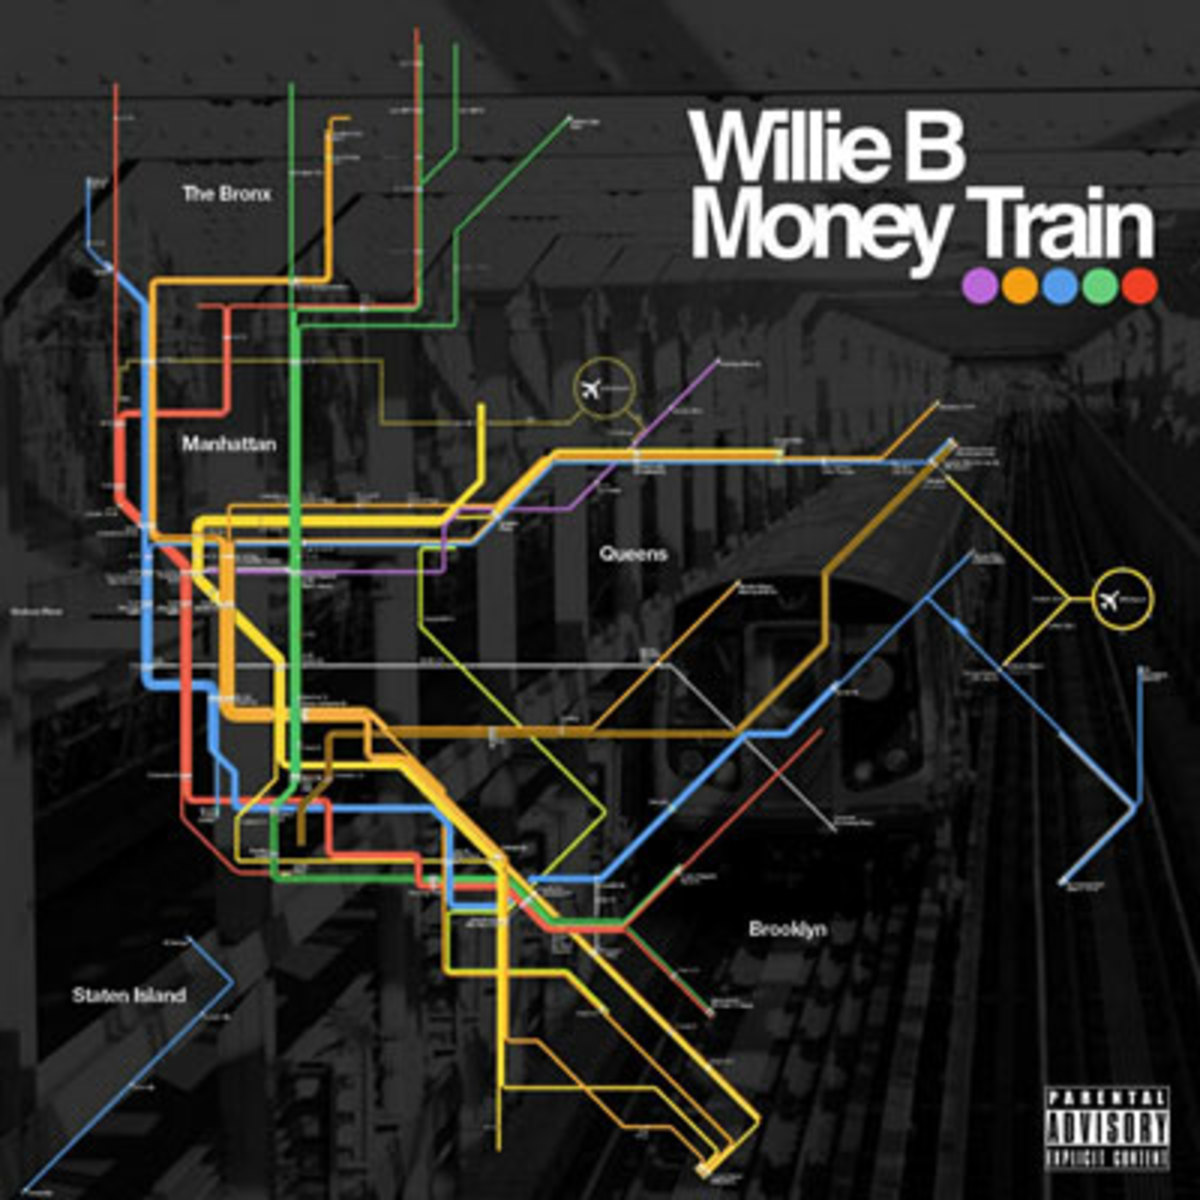 willieb-moneytrain.jpg